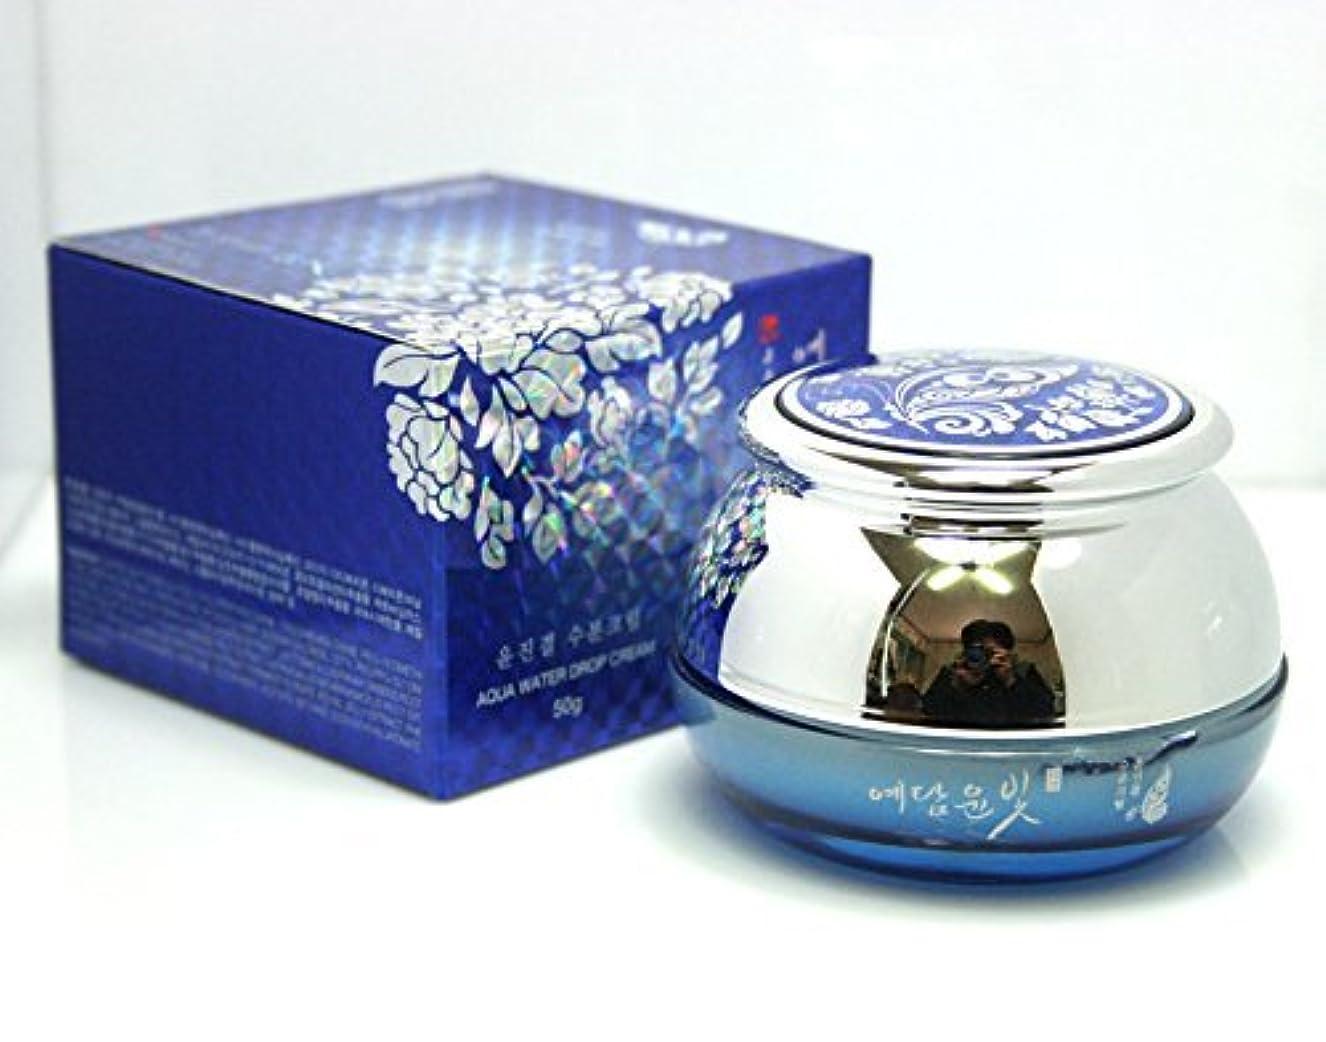 [YEDAM YUN BIT] Yunjin Gyeolアクアウォータードロップクリーム50g / オリエンタルハーブ / 韓国化粧品 / Yunjin Gyeol Aqua Water Drop Cream 50g /...